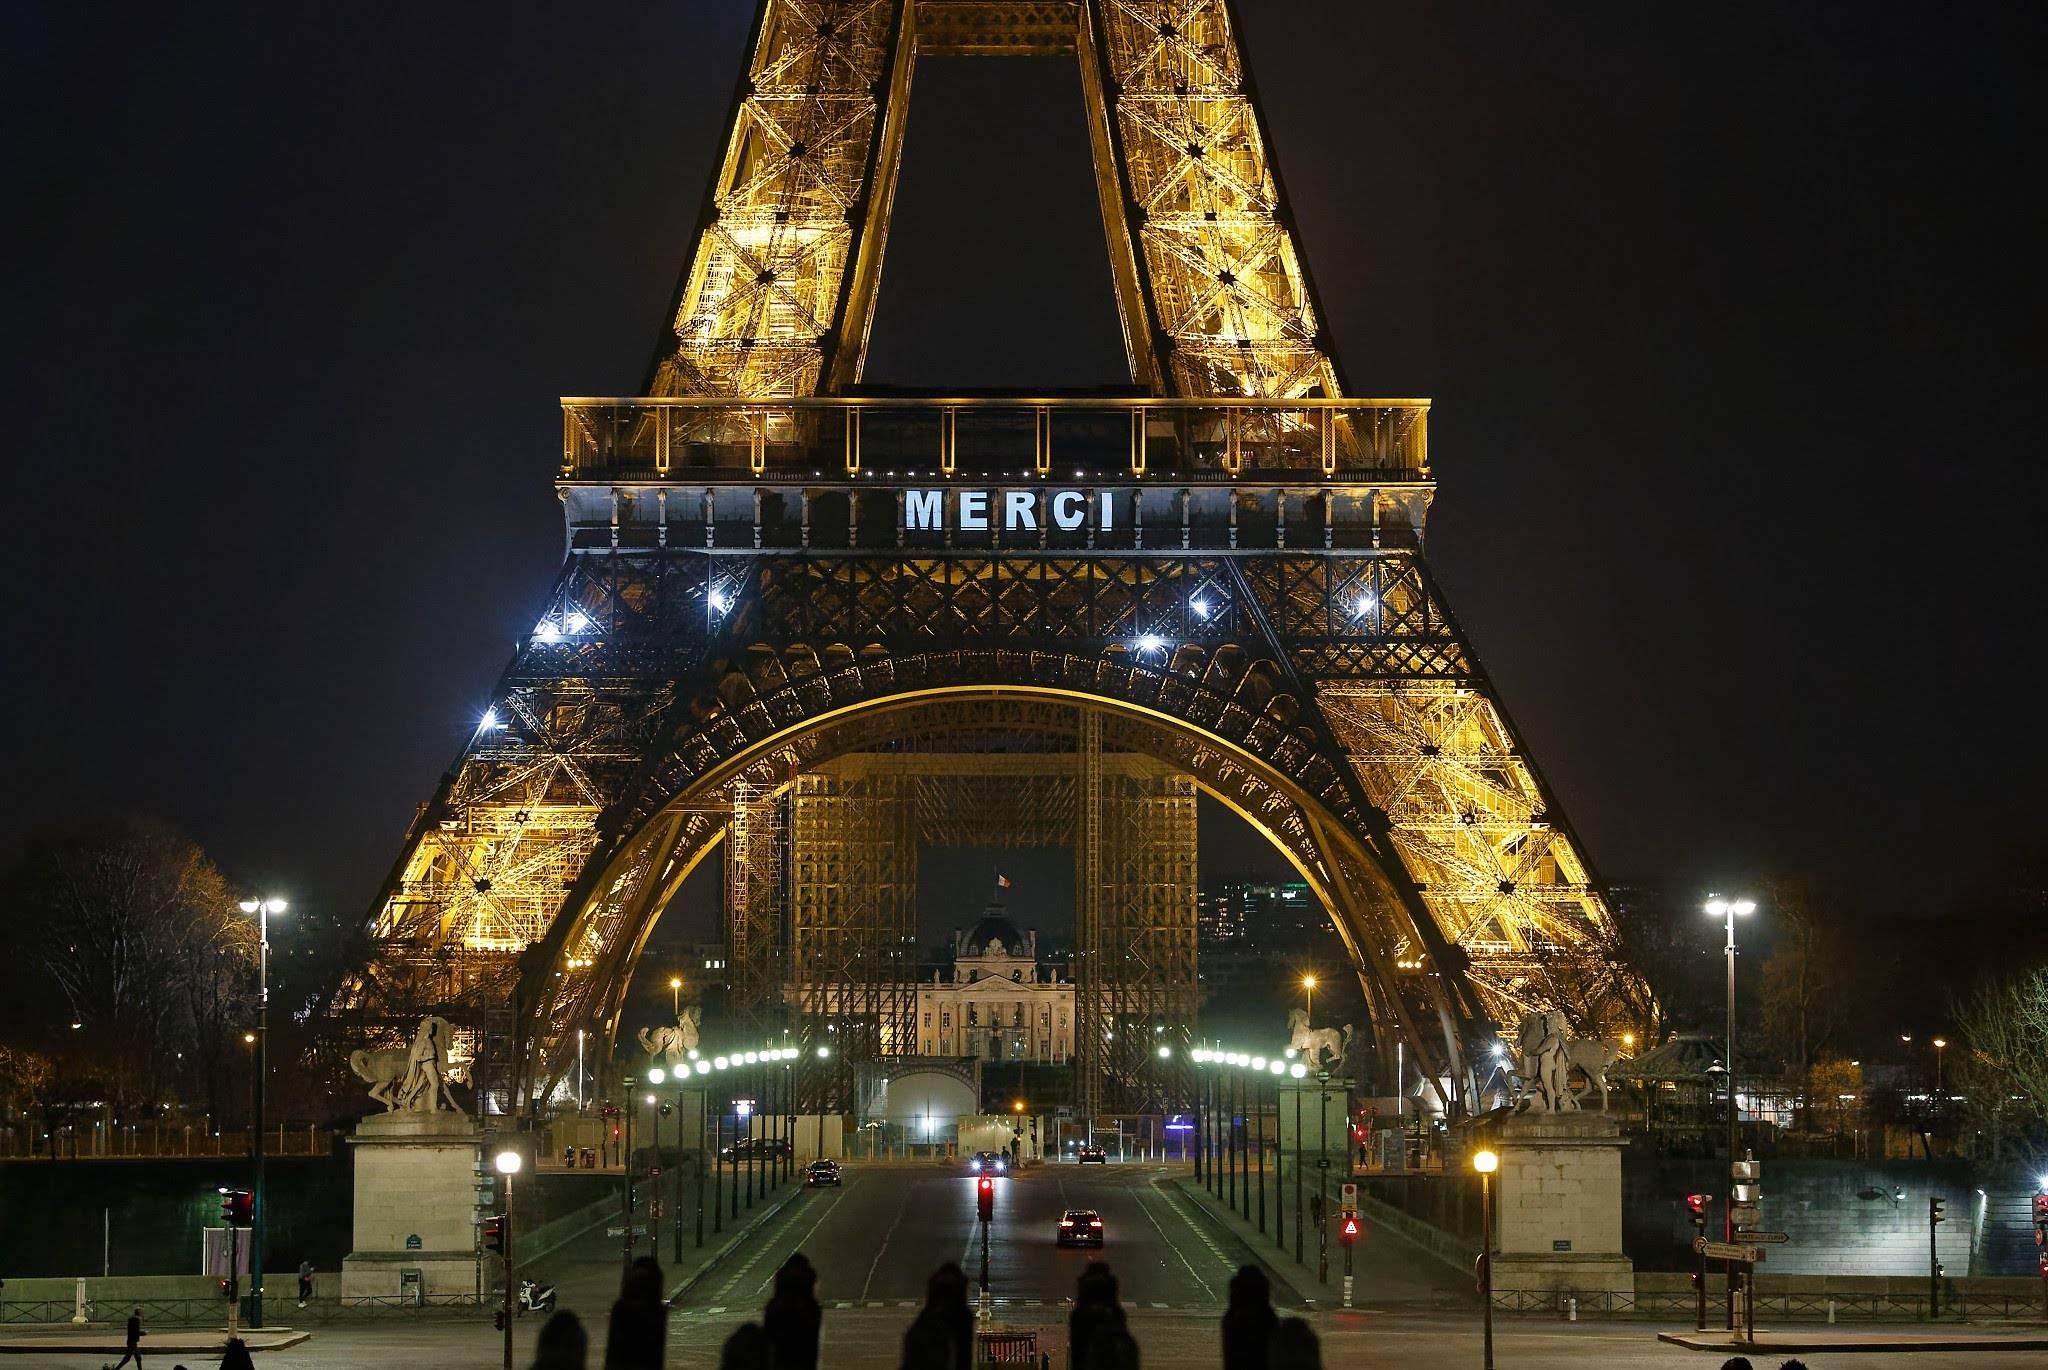 Через месяц туристические объекты во франции возобновят работу, часть из них уже работает